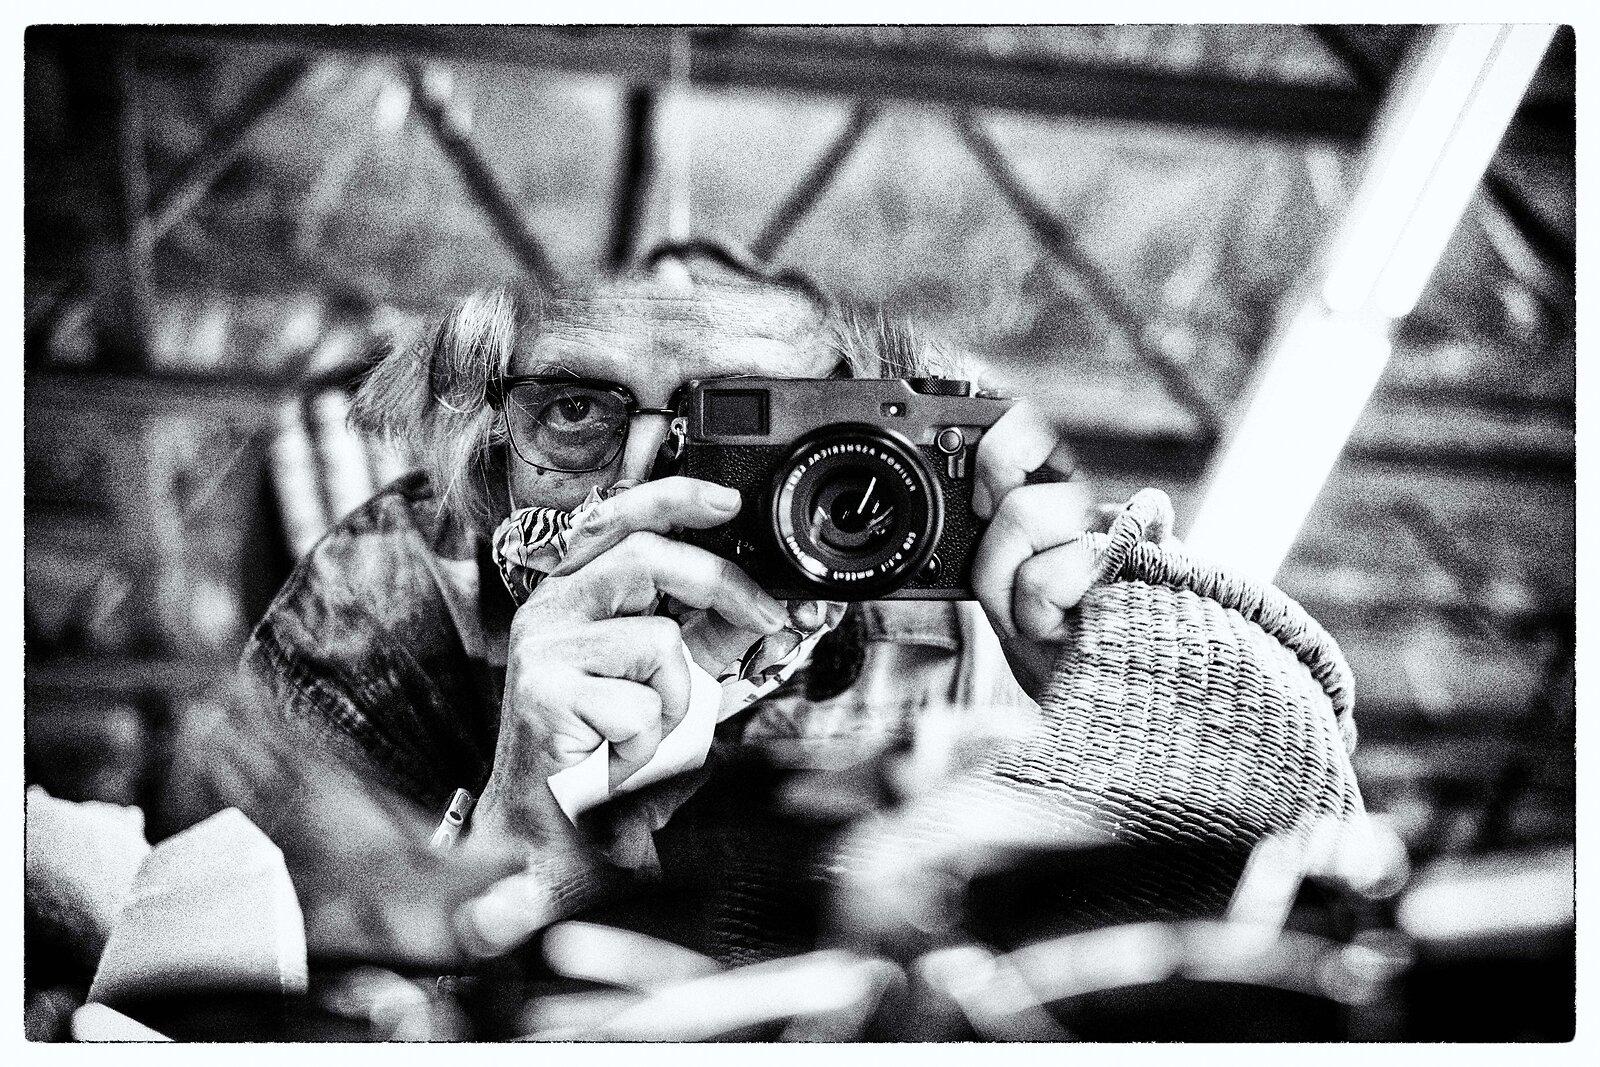 XPro3_Jul4_21_supermarket_selfie(silver.efex).jpg